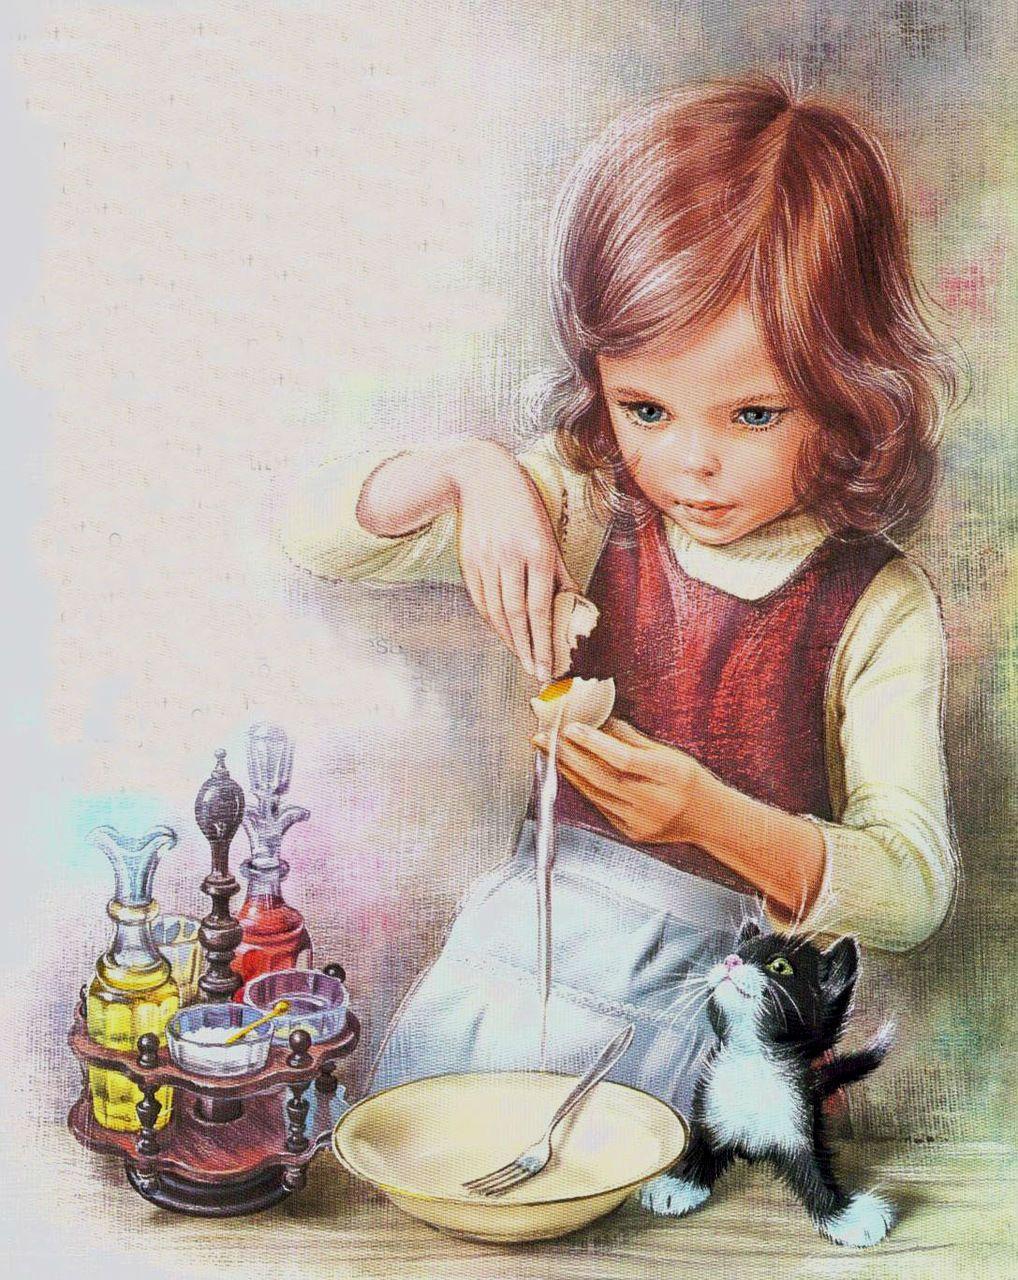 Martine martine petite fille des ann es 50 pinterest enfance illustration et dessin - Martine dessin ...